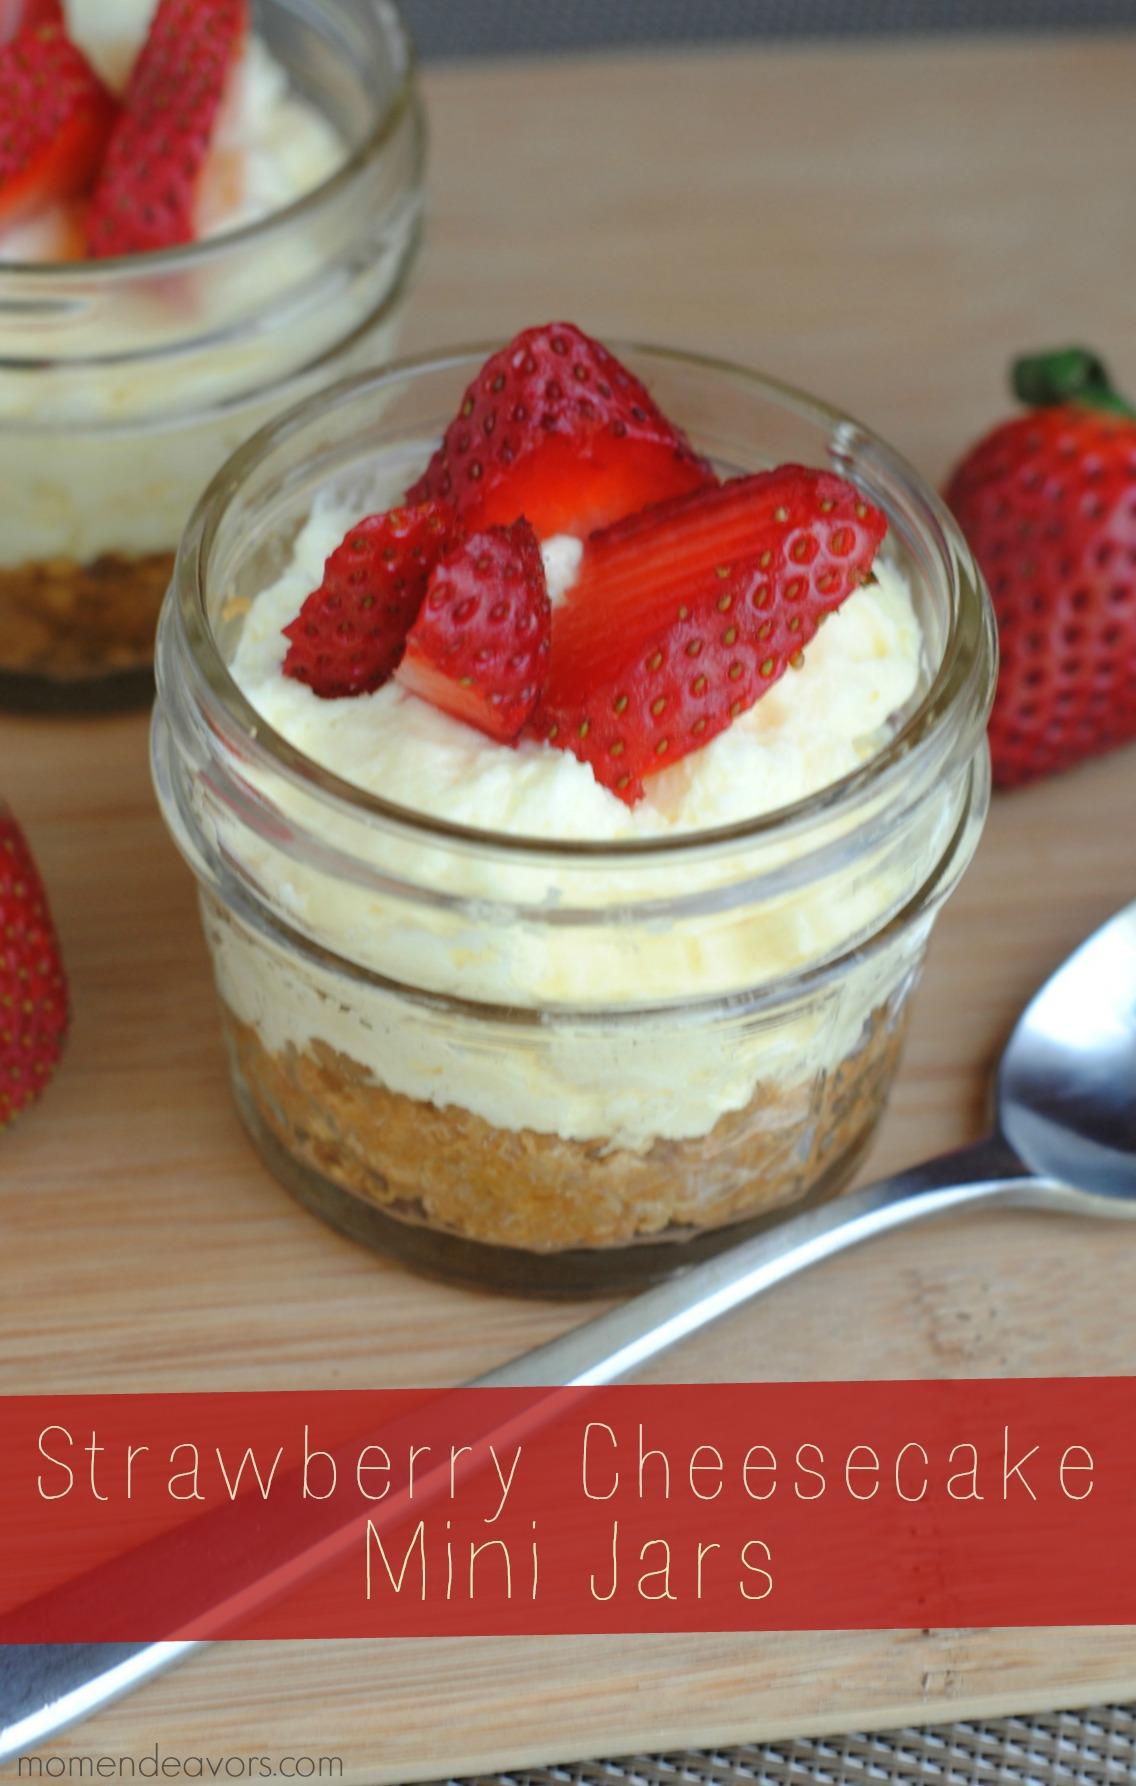 Strawberry Cheesecake Mini Jars